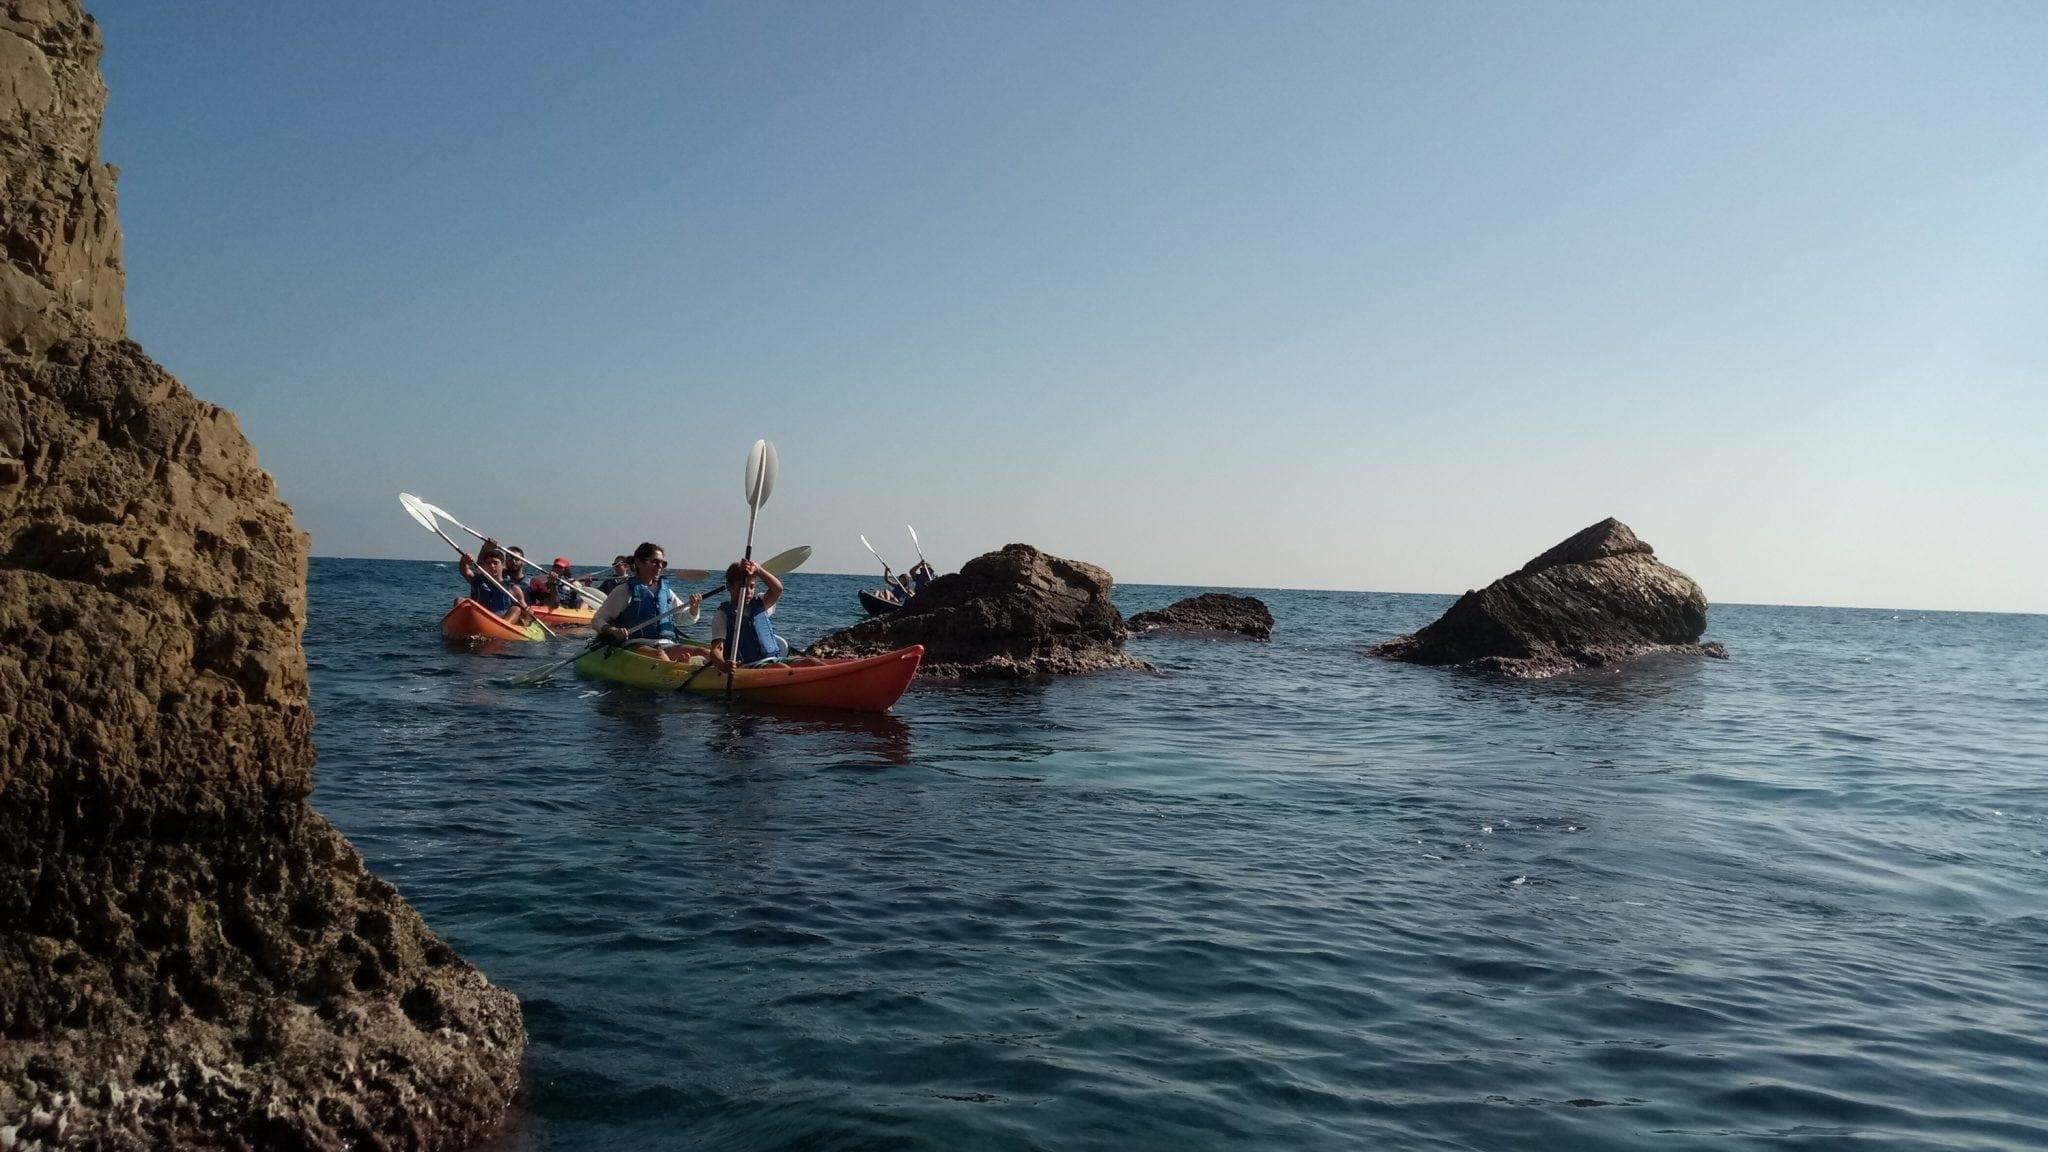 שייט קיאקים בים פליון - יוון - ערוצים בטבע